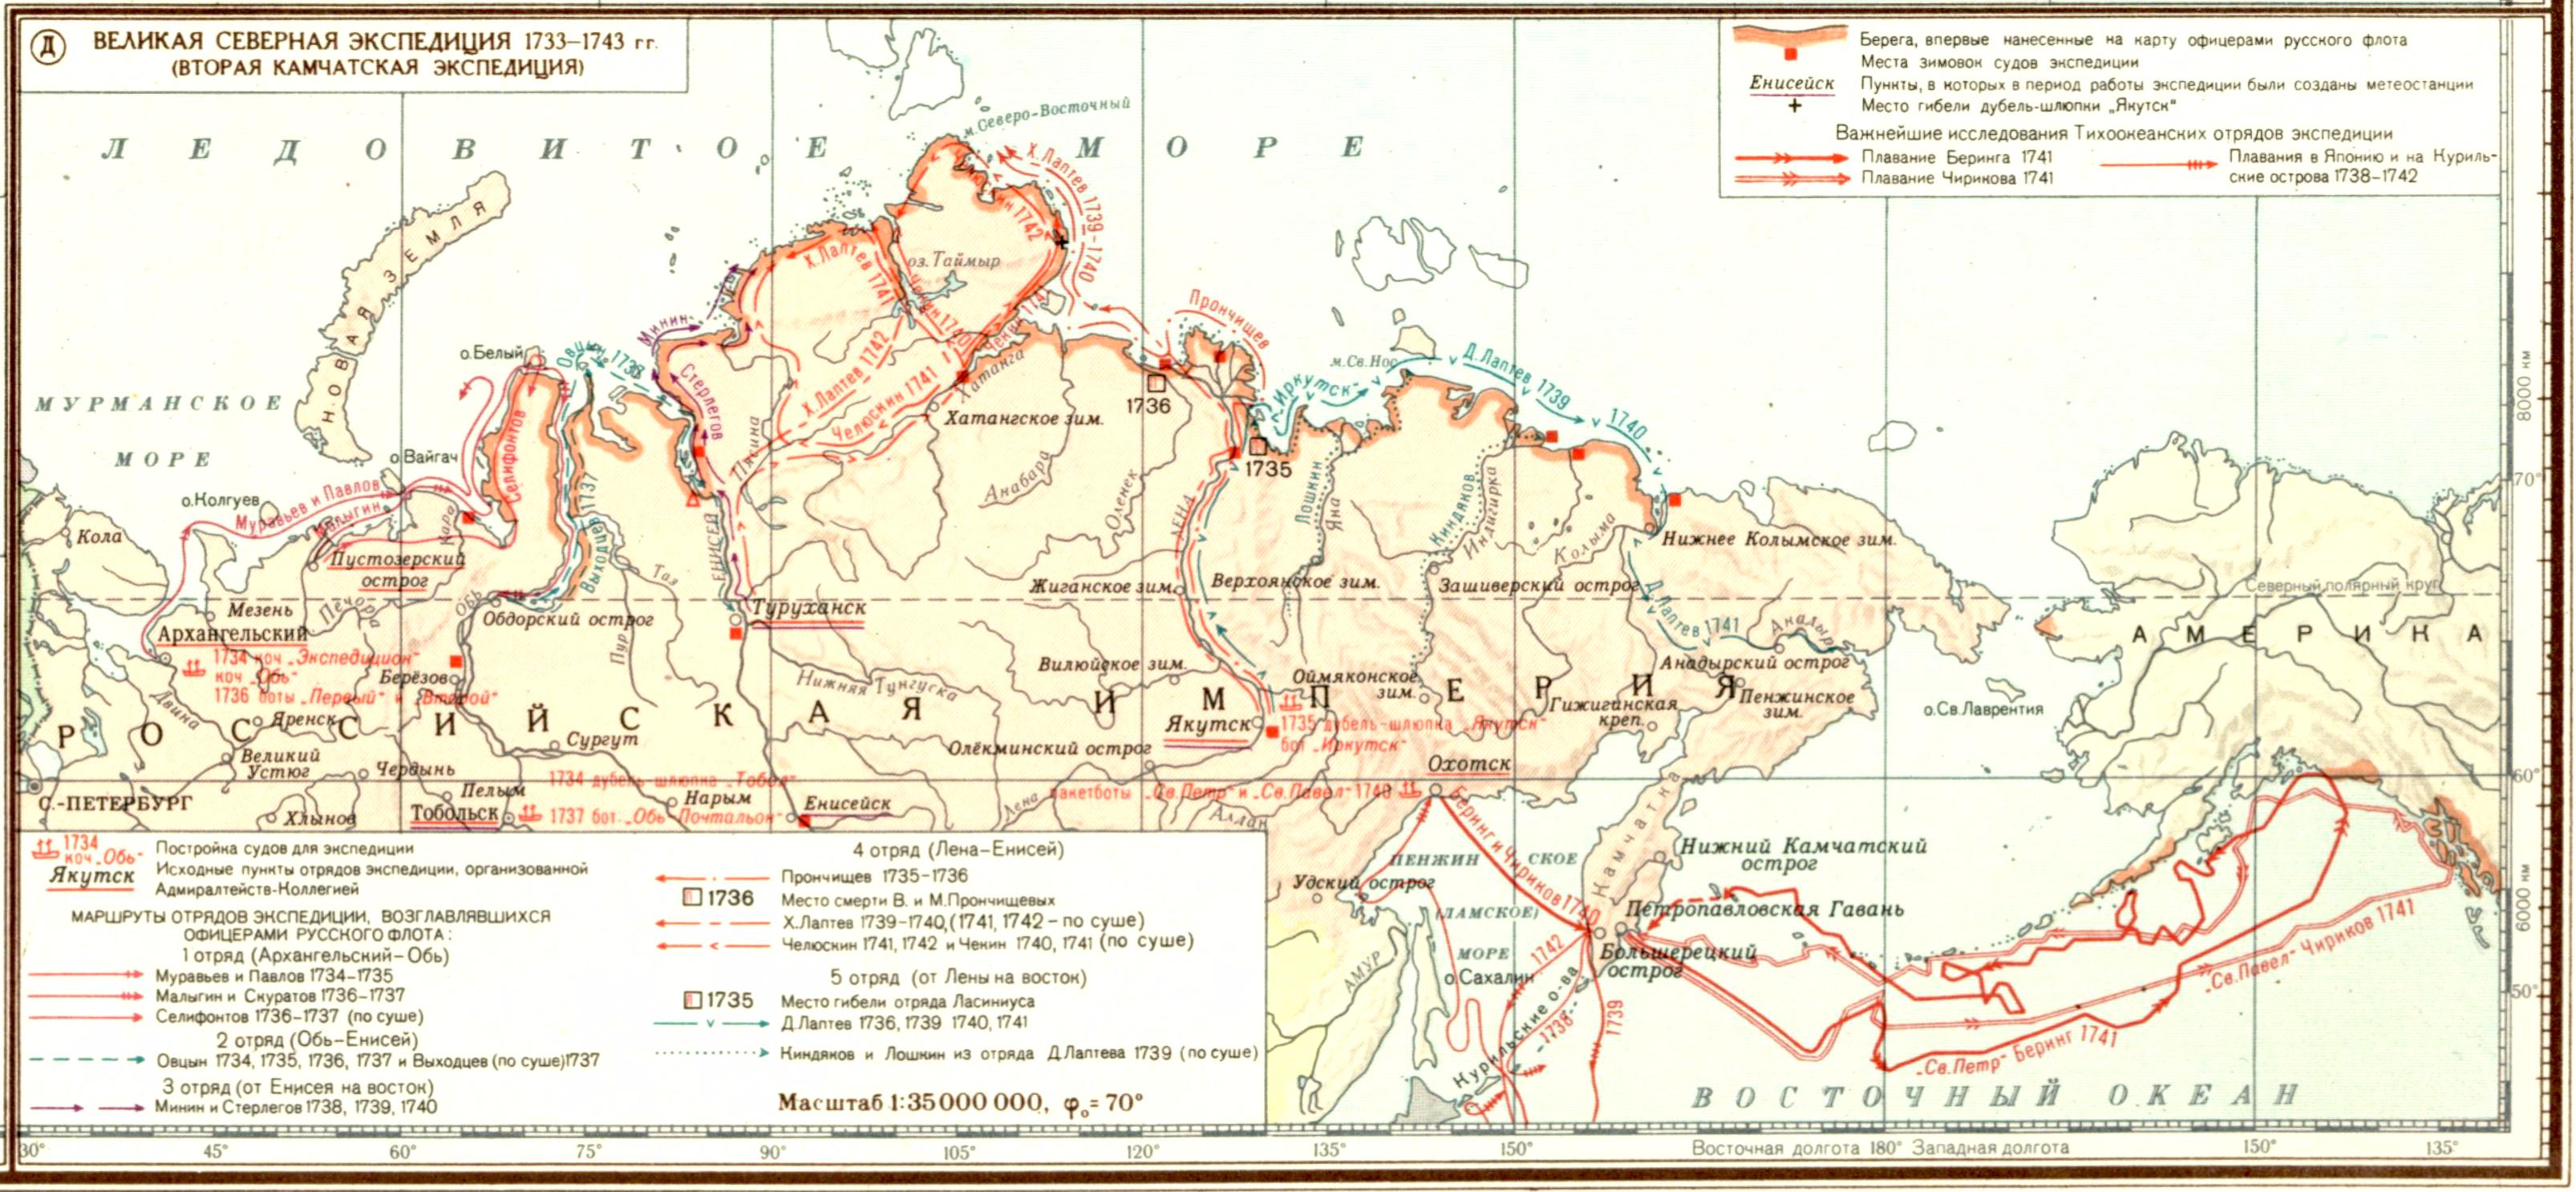 Доклад по истории россии 8 класса на тему географические открытия в 19 веке